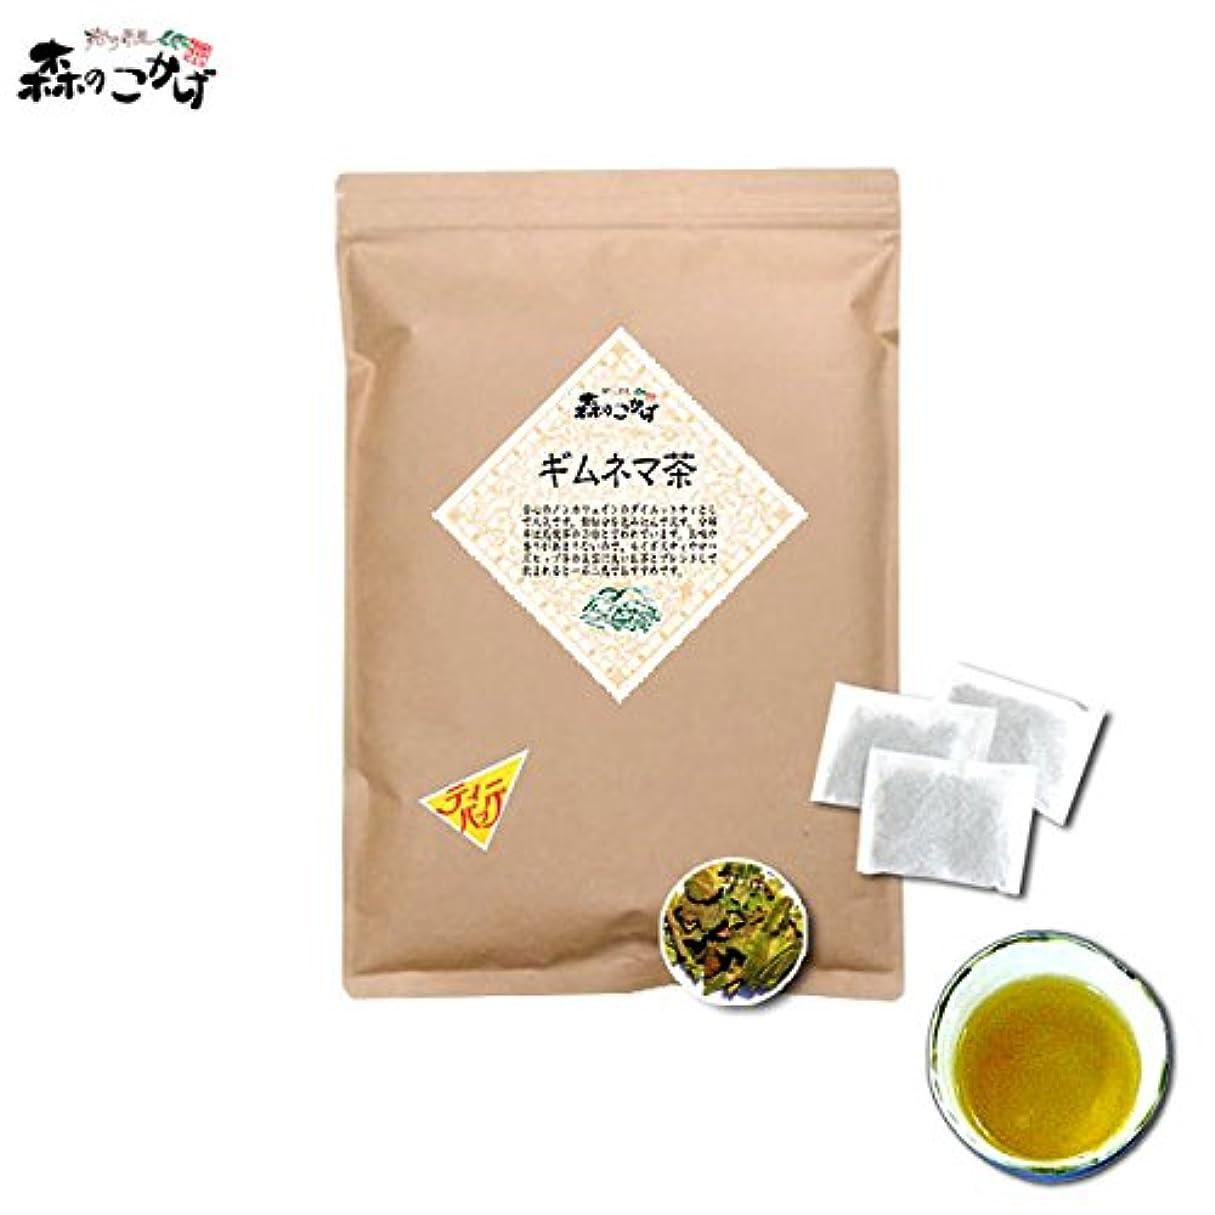 先住民超えてダーツ森のこかげ ギムネマ茶 (2g×100p 内容量変更) ぎむねま茶 100% B